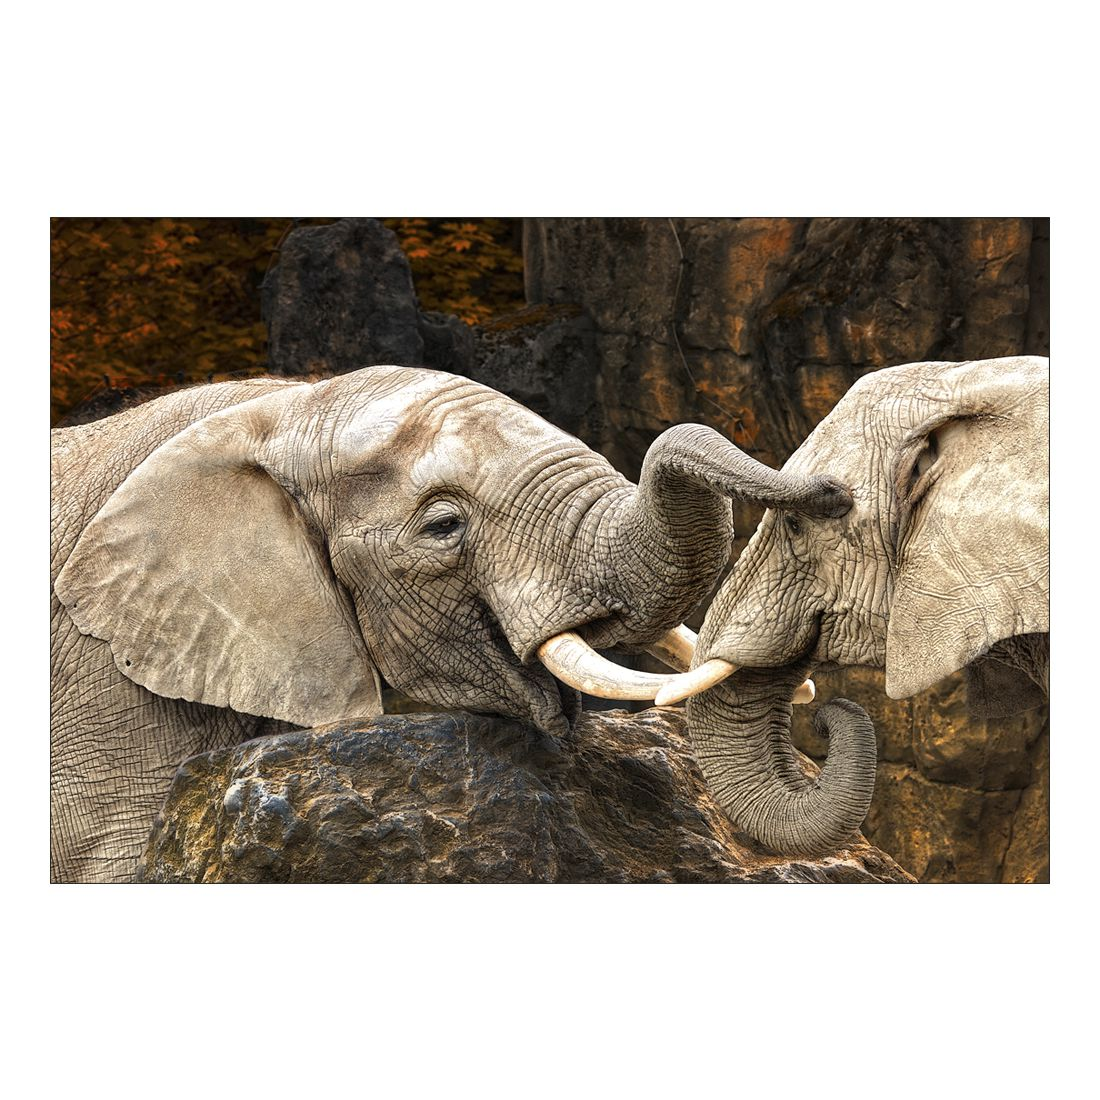 Acrylglasbild Elephant Friendship – Abmessung 30×20 cm, Gallery of Innovative Art kaufen